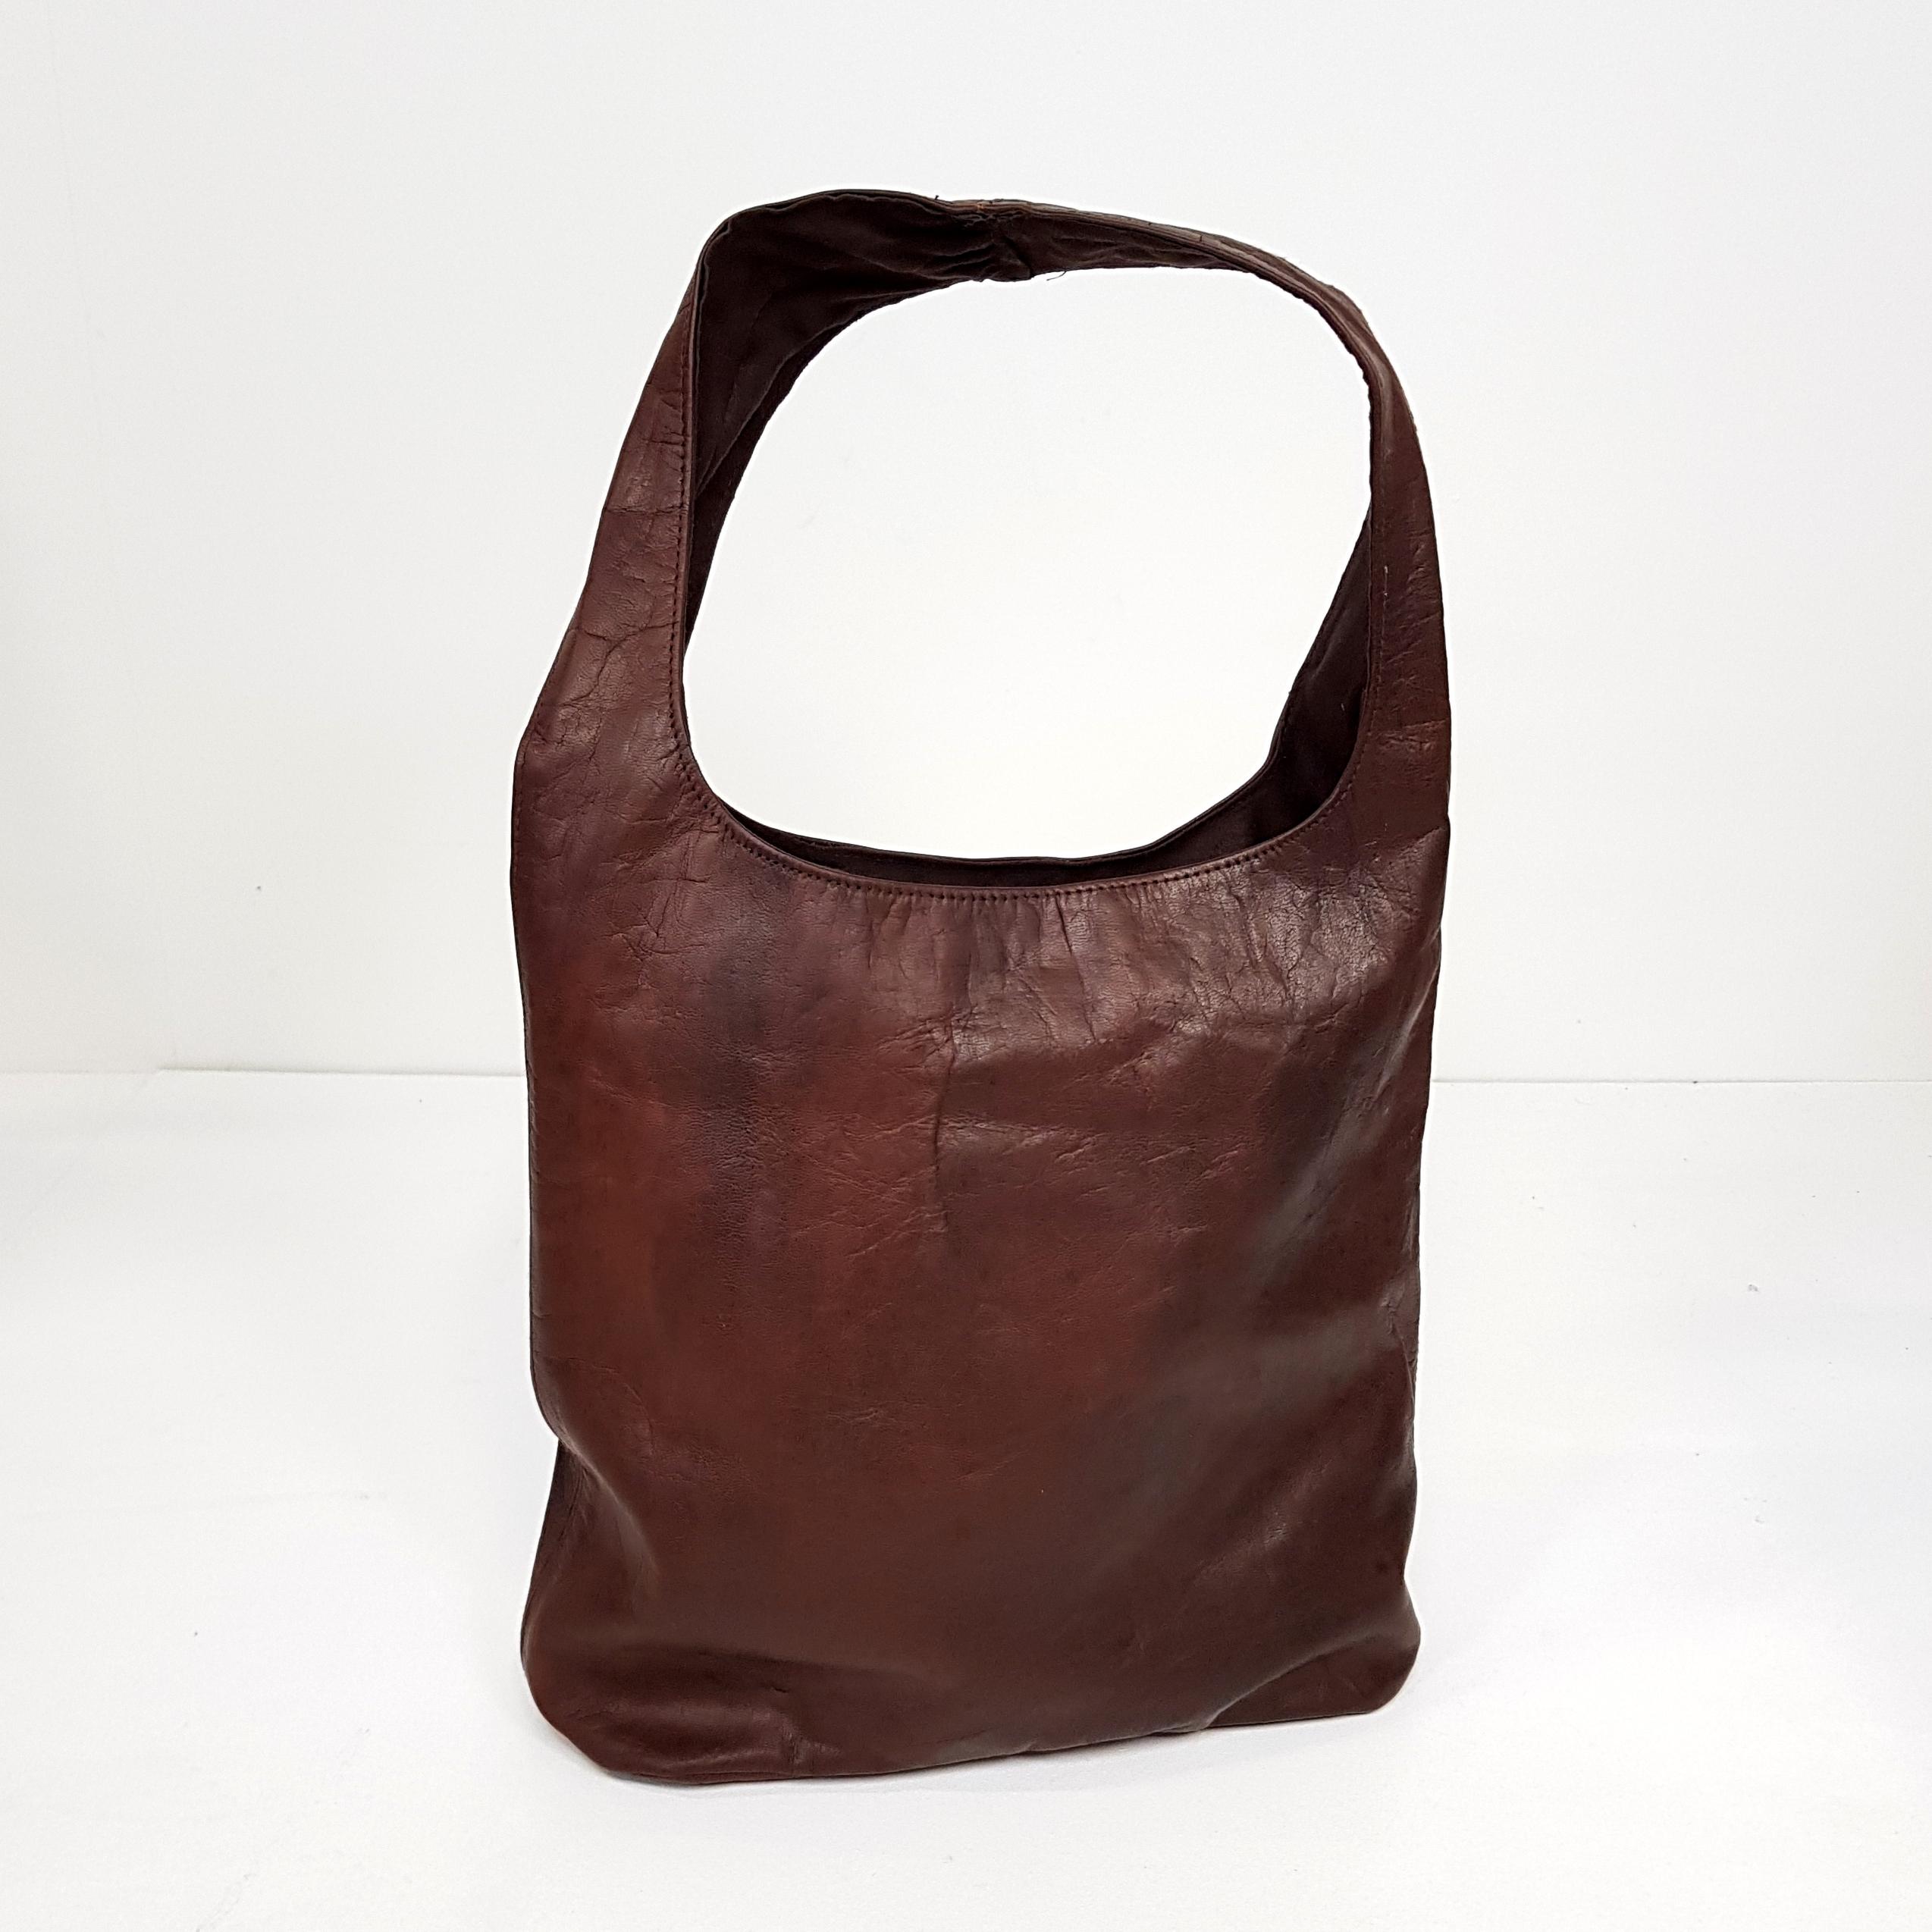 9660f8e72cb Forside / Tasker / Tasker / Lædertaske i brun